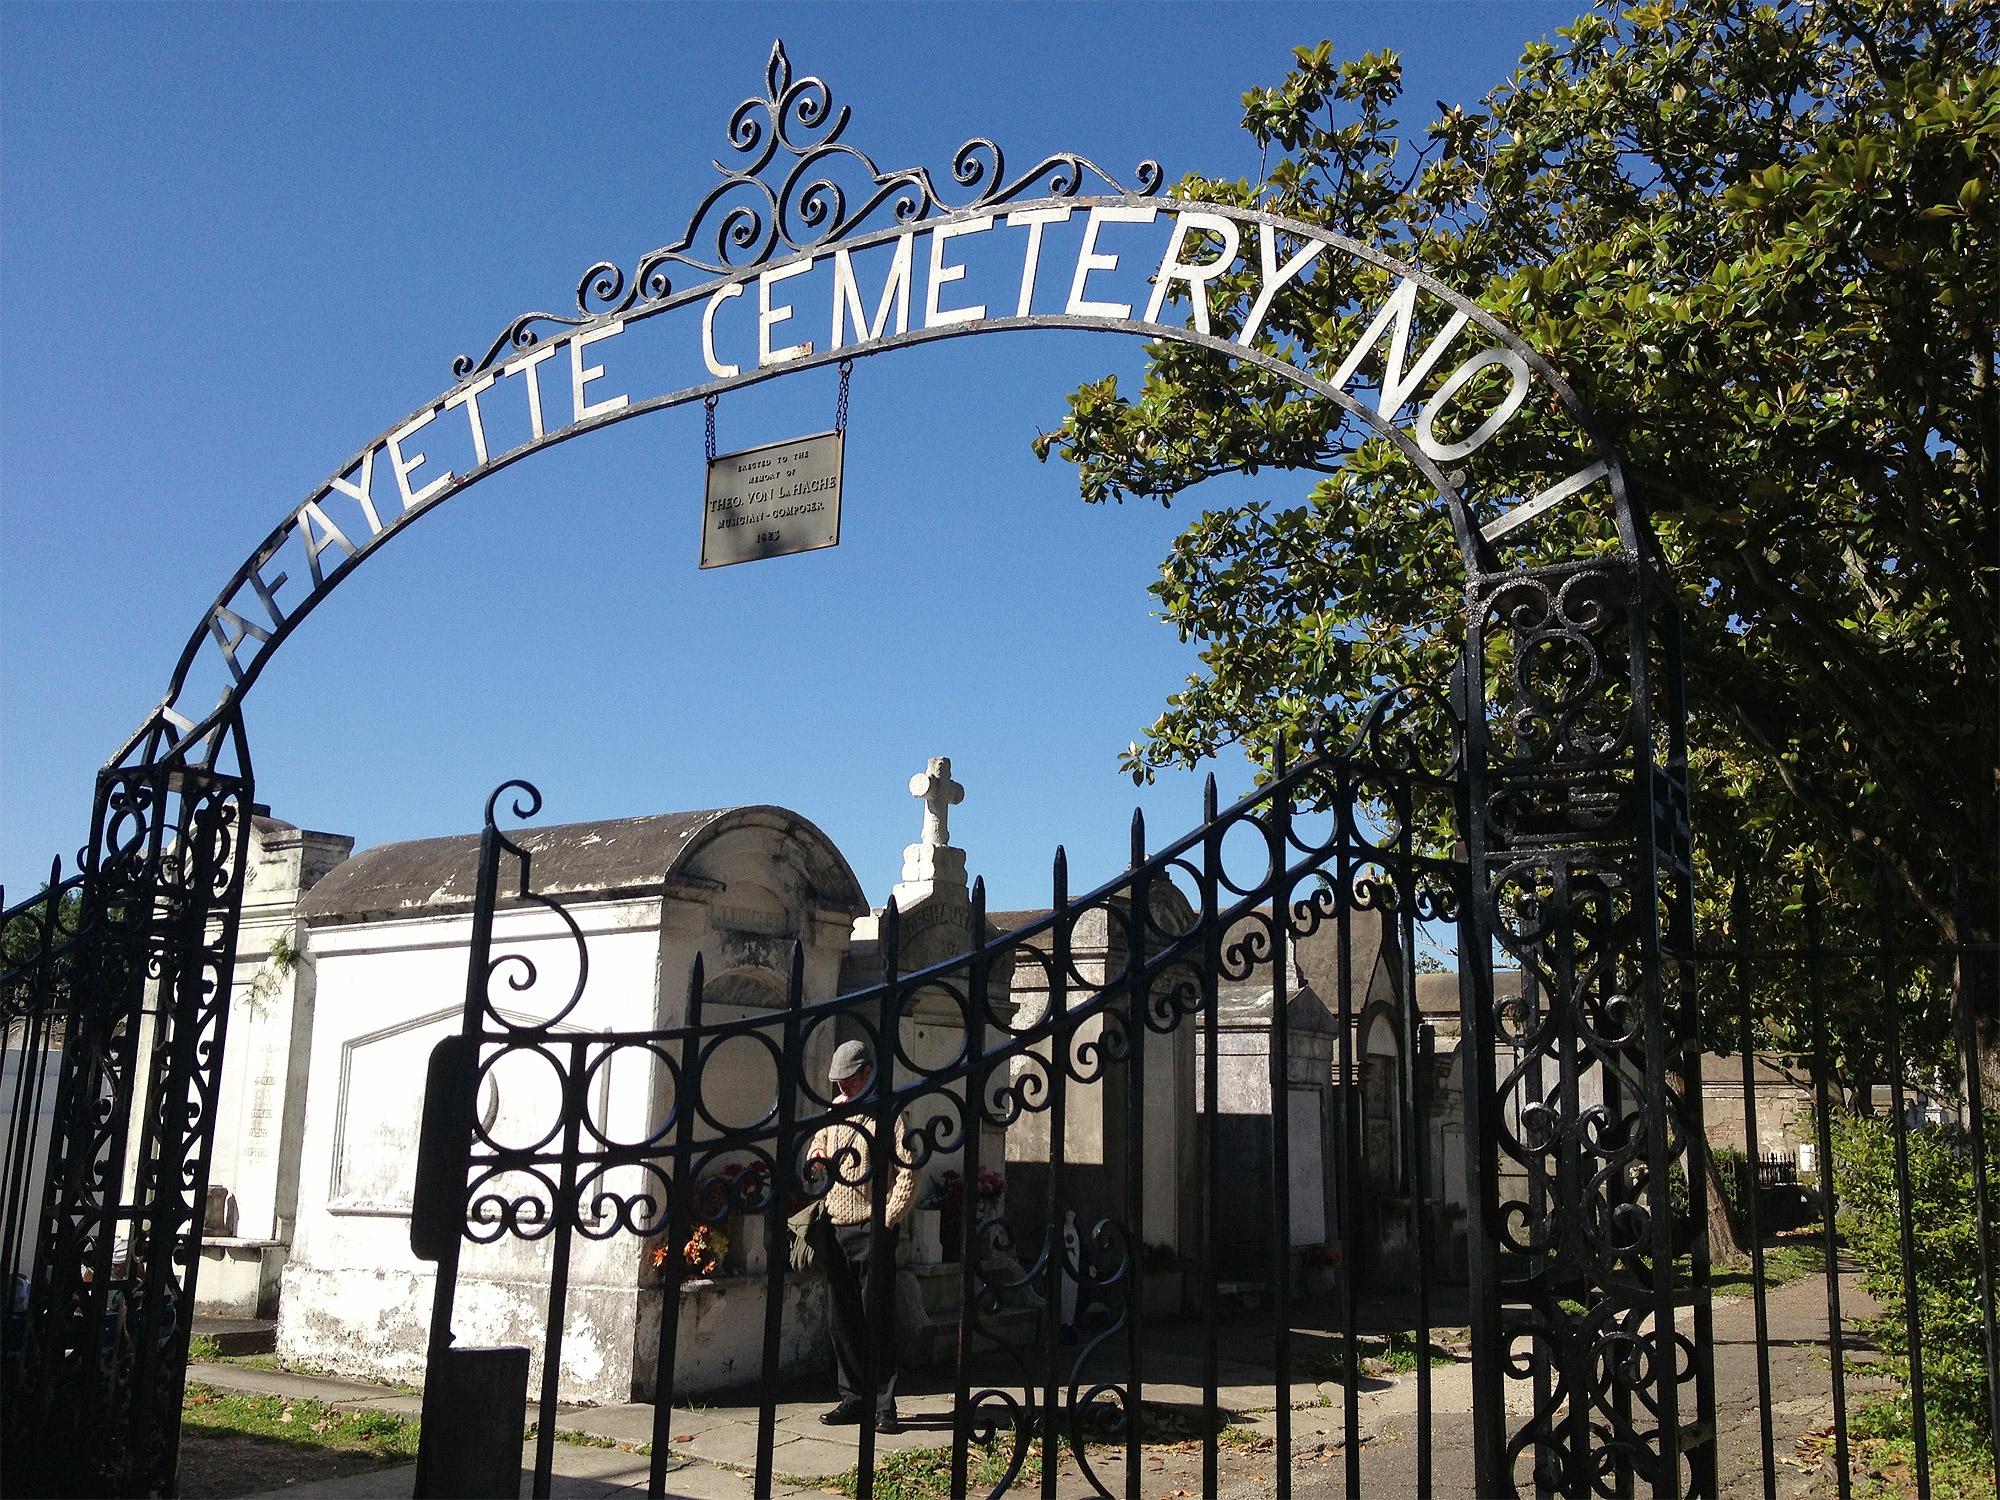 Lafayette Cemetery No 1 em Nova Orleans, Estados Unidos